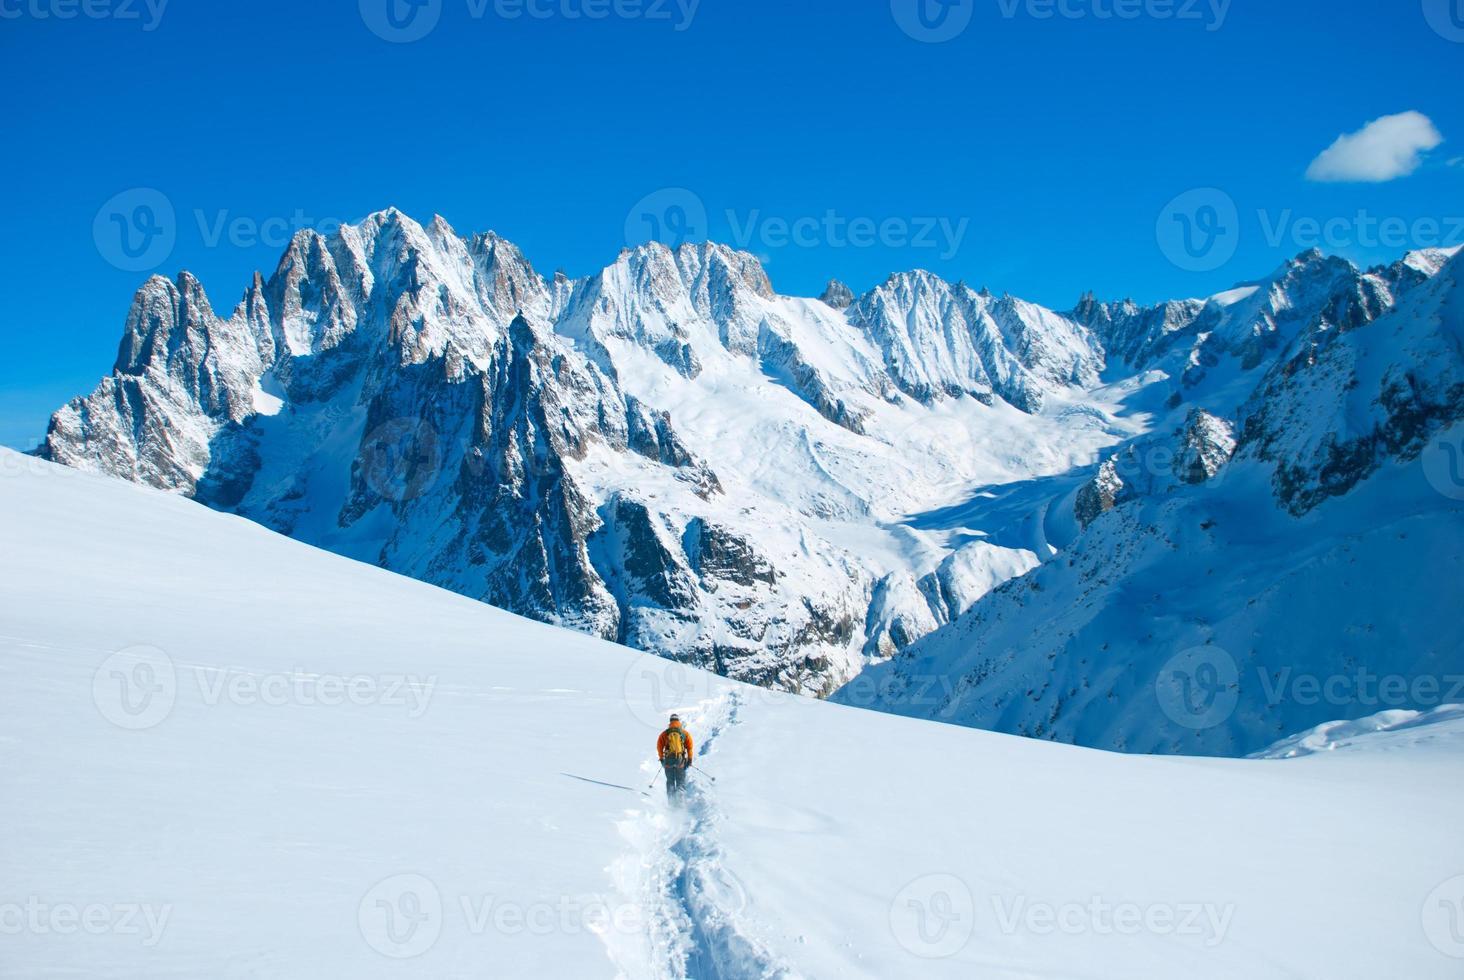 escursionisti in montagna invernale foto